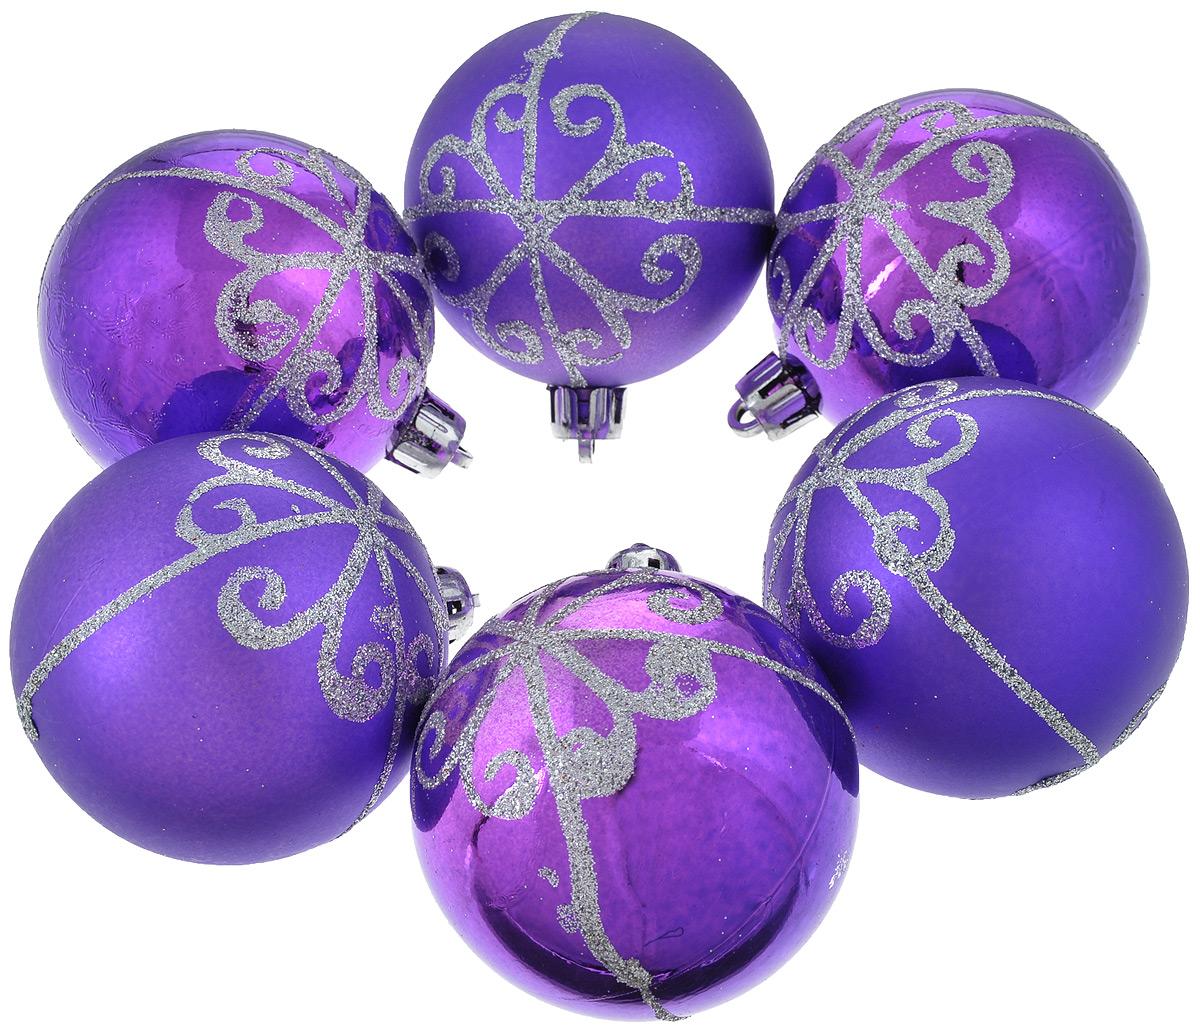 Набор новогодних подвесных украшений Феникс-Презент Шары, цвет: фиолетовый, диаметр 6 см, 6 шт35488_фиолетовыйНабор новогодних подвесных украшений Феникс-презент Шары прекрасно подойдетдля праздничного декора вашей ели. Набор состоит из 6 пластиковых украшений в виде матовыхи глянцевых шаров, декорированных блестками. Для удобногоразмещения на елке для каждого украшения предусмотрена текстильная петелька. Елочная игрушка - символ Нового года. Она несет в себе волшебство и красоту праздника.Создайте в своем доме атмосферу веселья и радости, украшая новогоднюю елку наряднымиигрушками, которые будут из года в год накапливать теплоту воспоминаний.Откройте для себя удивительный мир сказок и грез. Почувствуйте волшебные минутыожидания праздника, создайте новогоднее настроение вашим дорогим и близким.